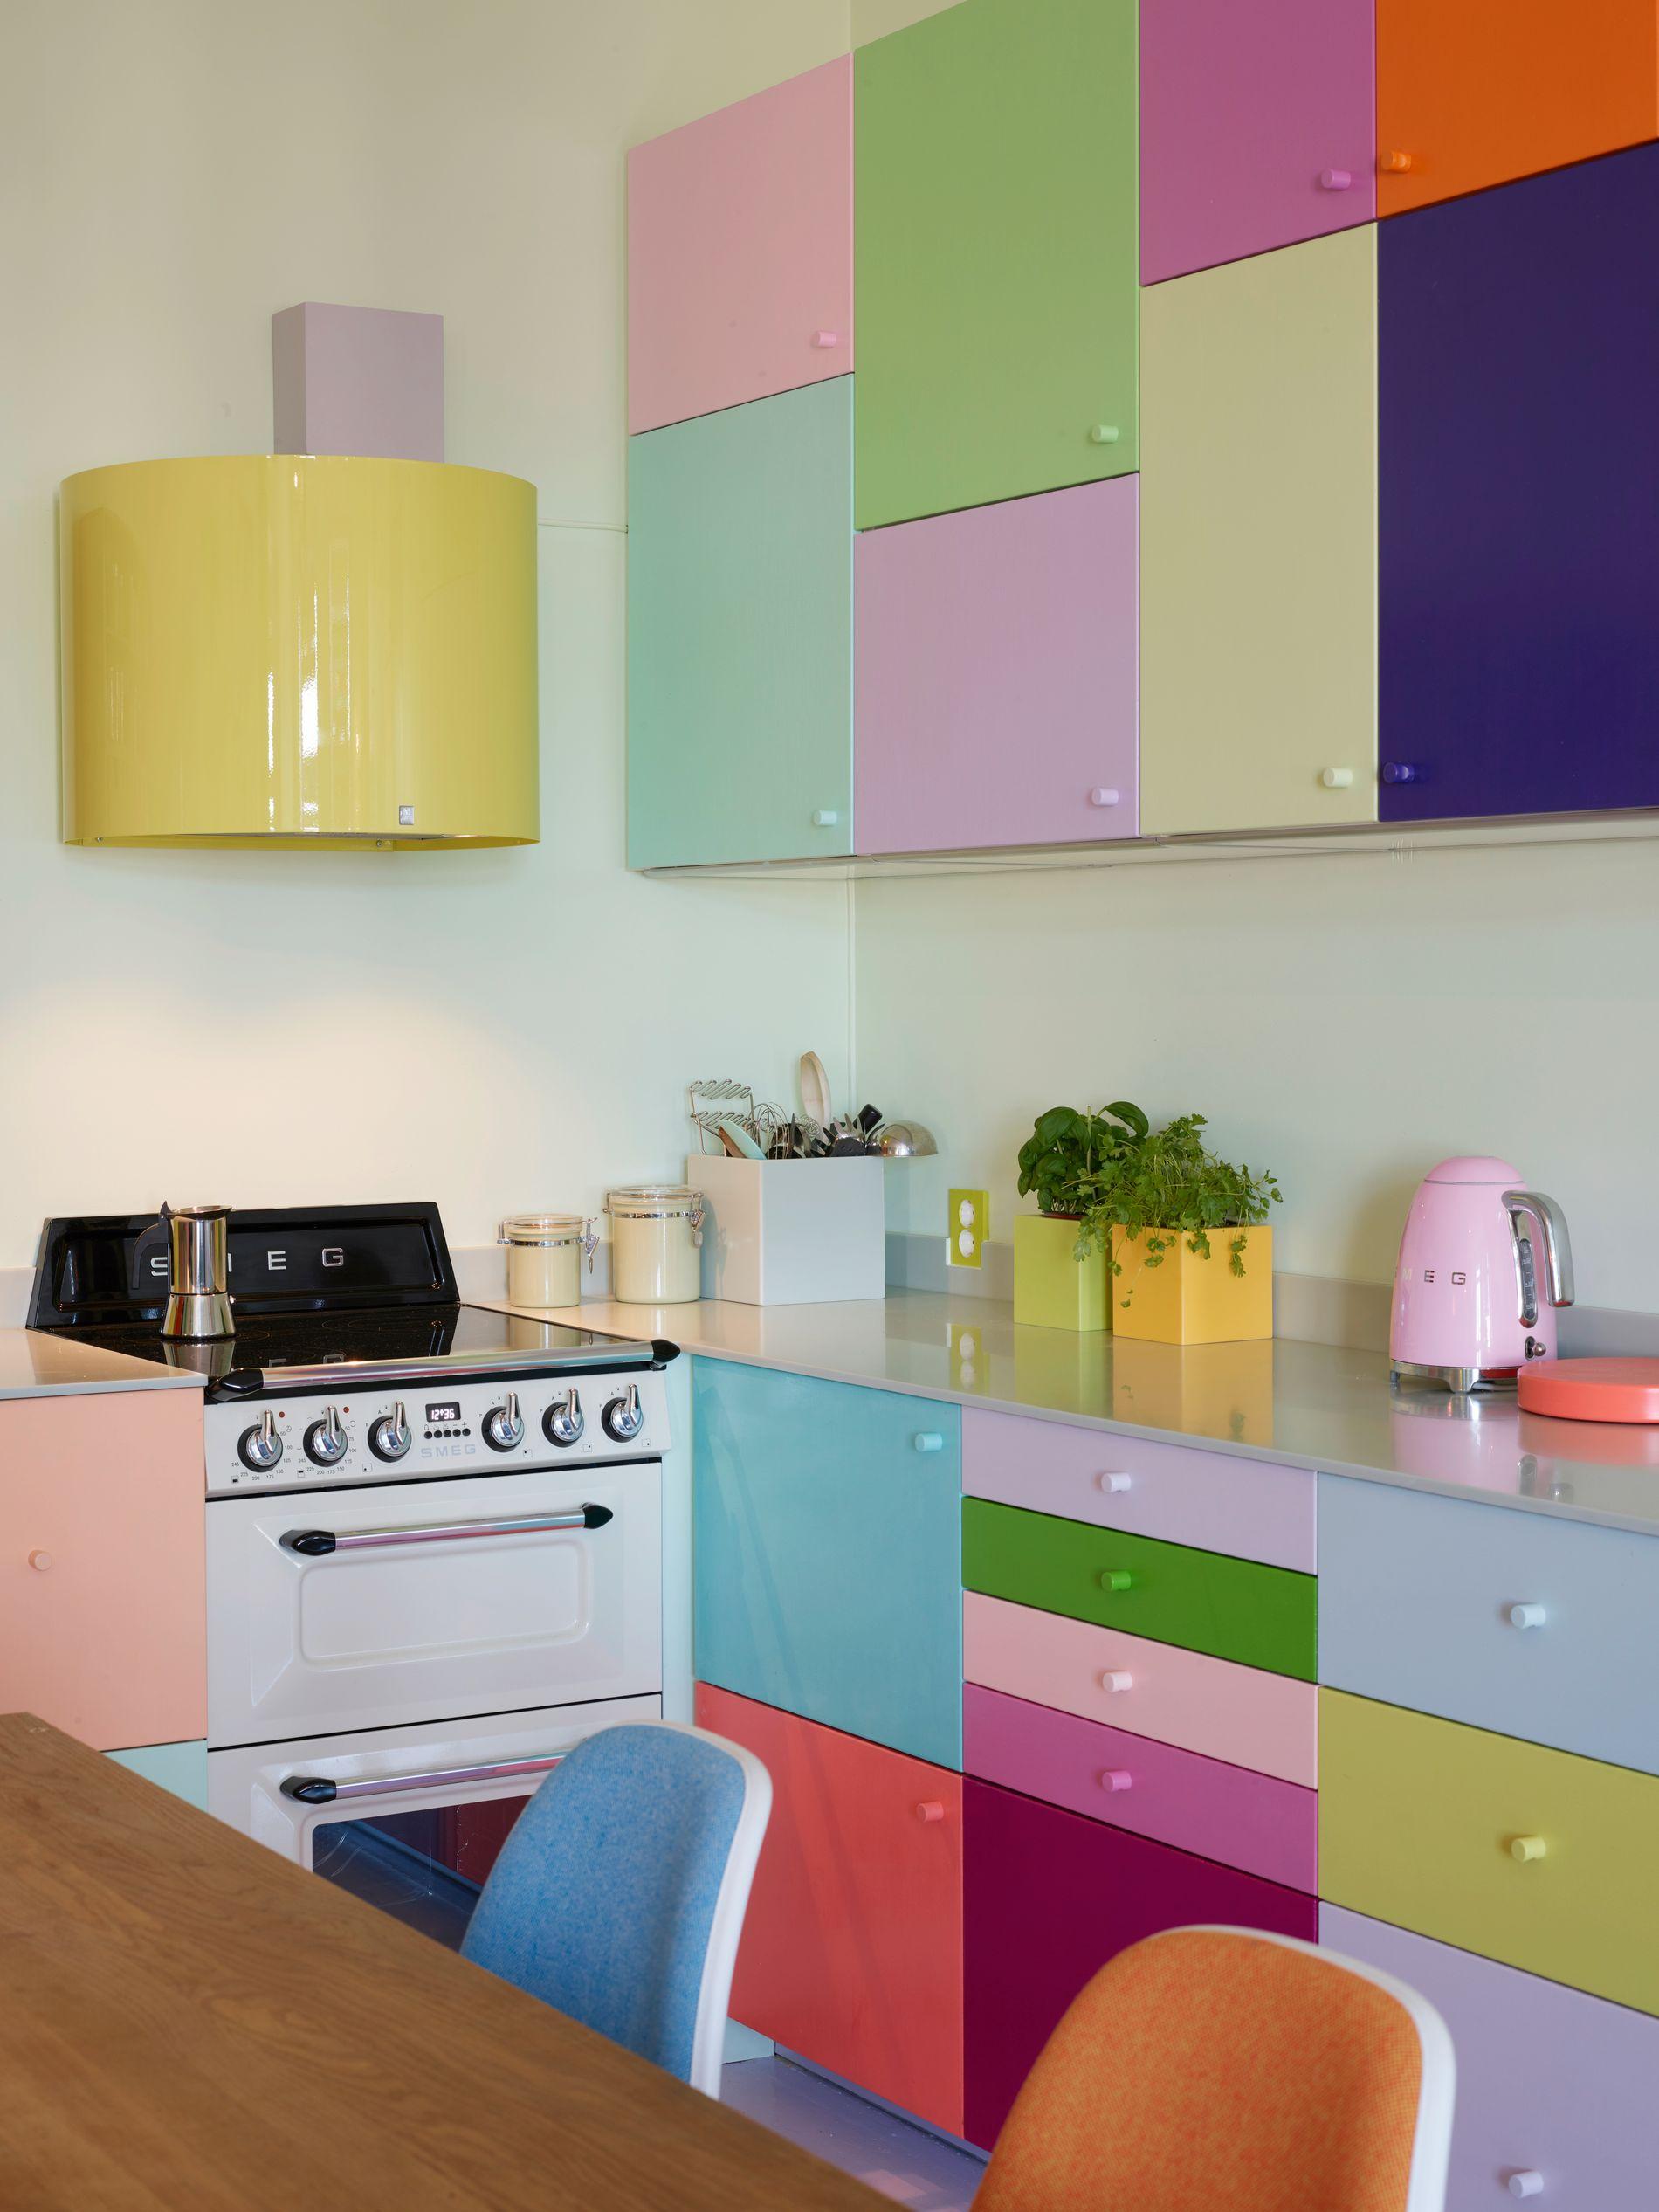 SPESIALVIFTE: Kjøkkenet er det sentrale rommet i leiligheten. Den multikulørte kjøkkeninnredningen har de selvfølgelig planlagt, bygget om og malt selv. Kjøkkenviften har de fått spesialtilpasset og lakkert i ønsket farge.